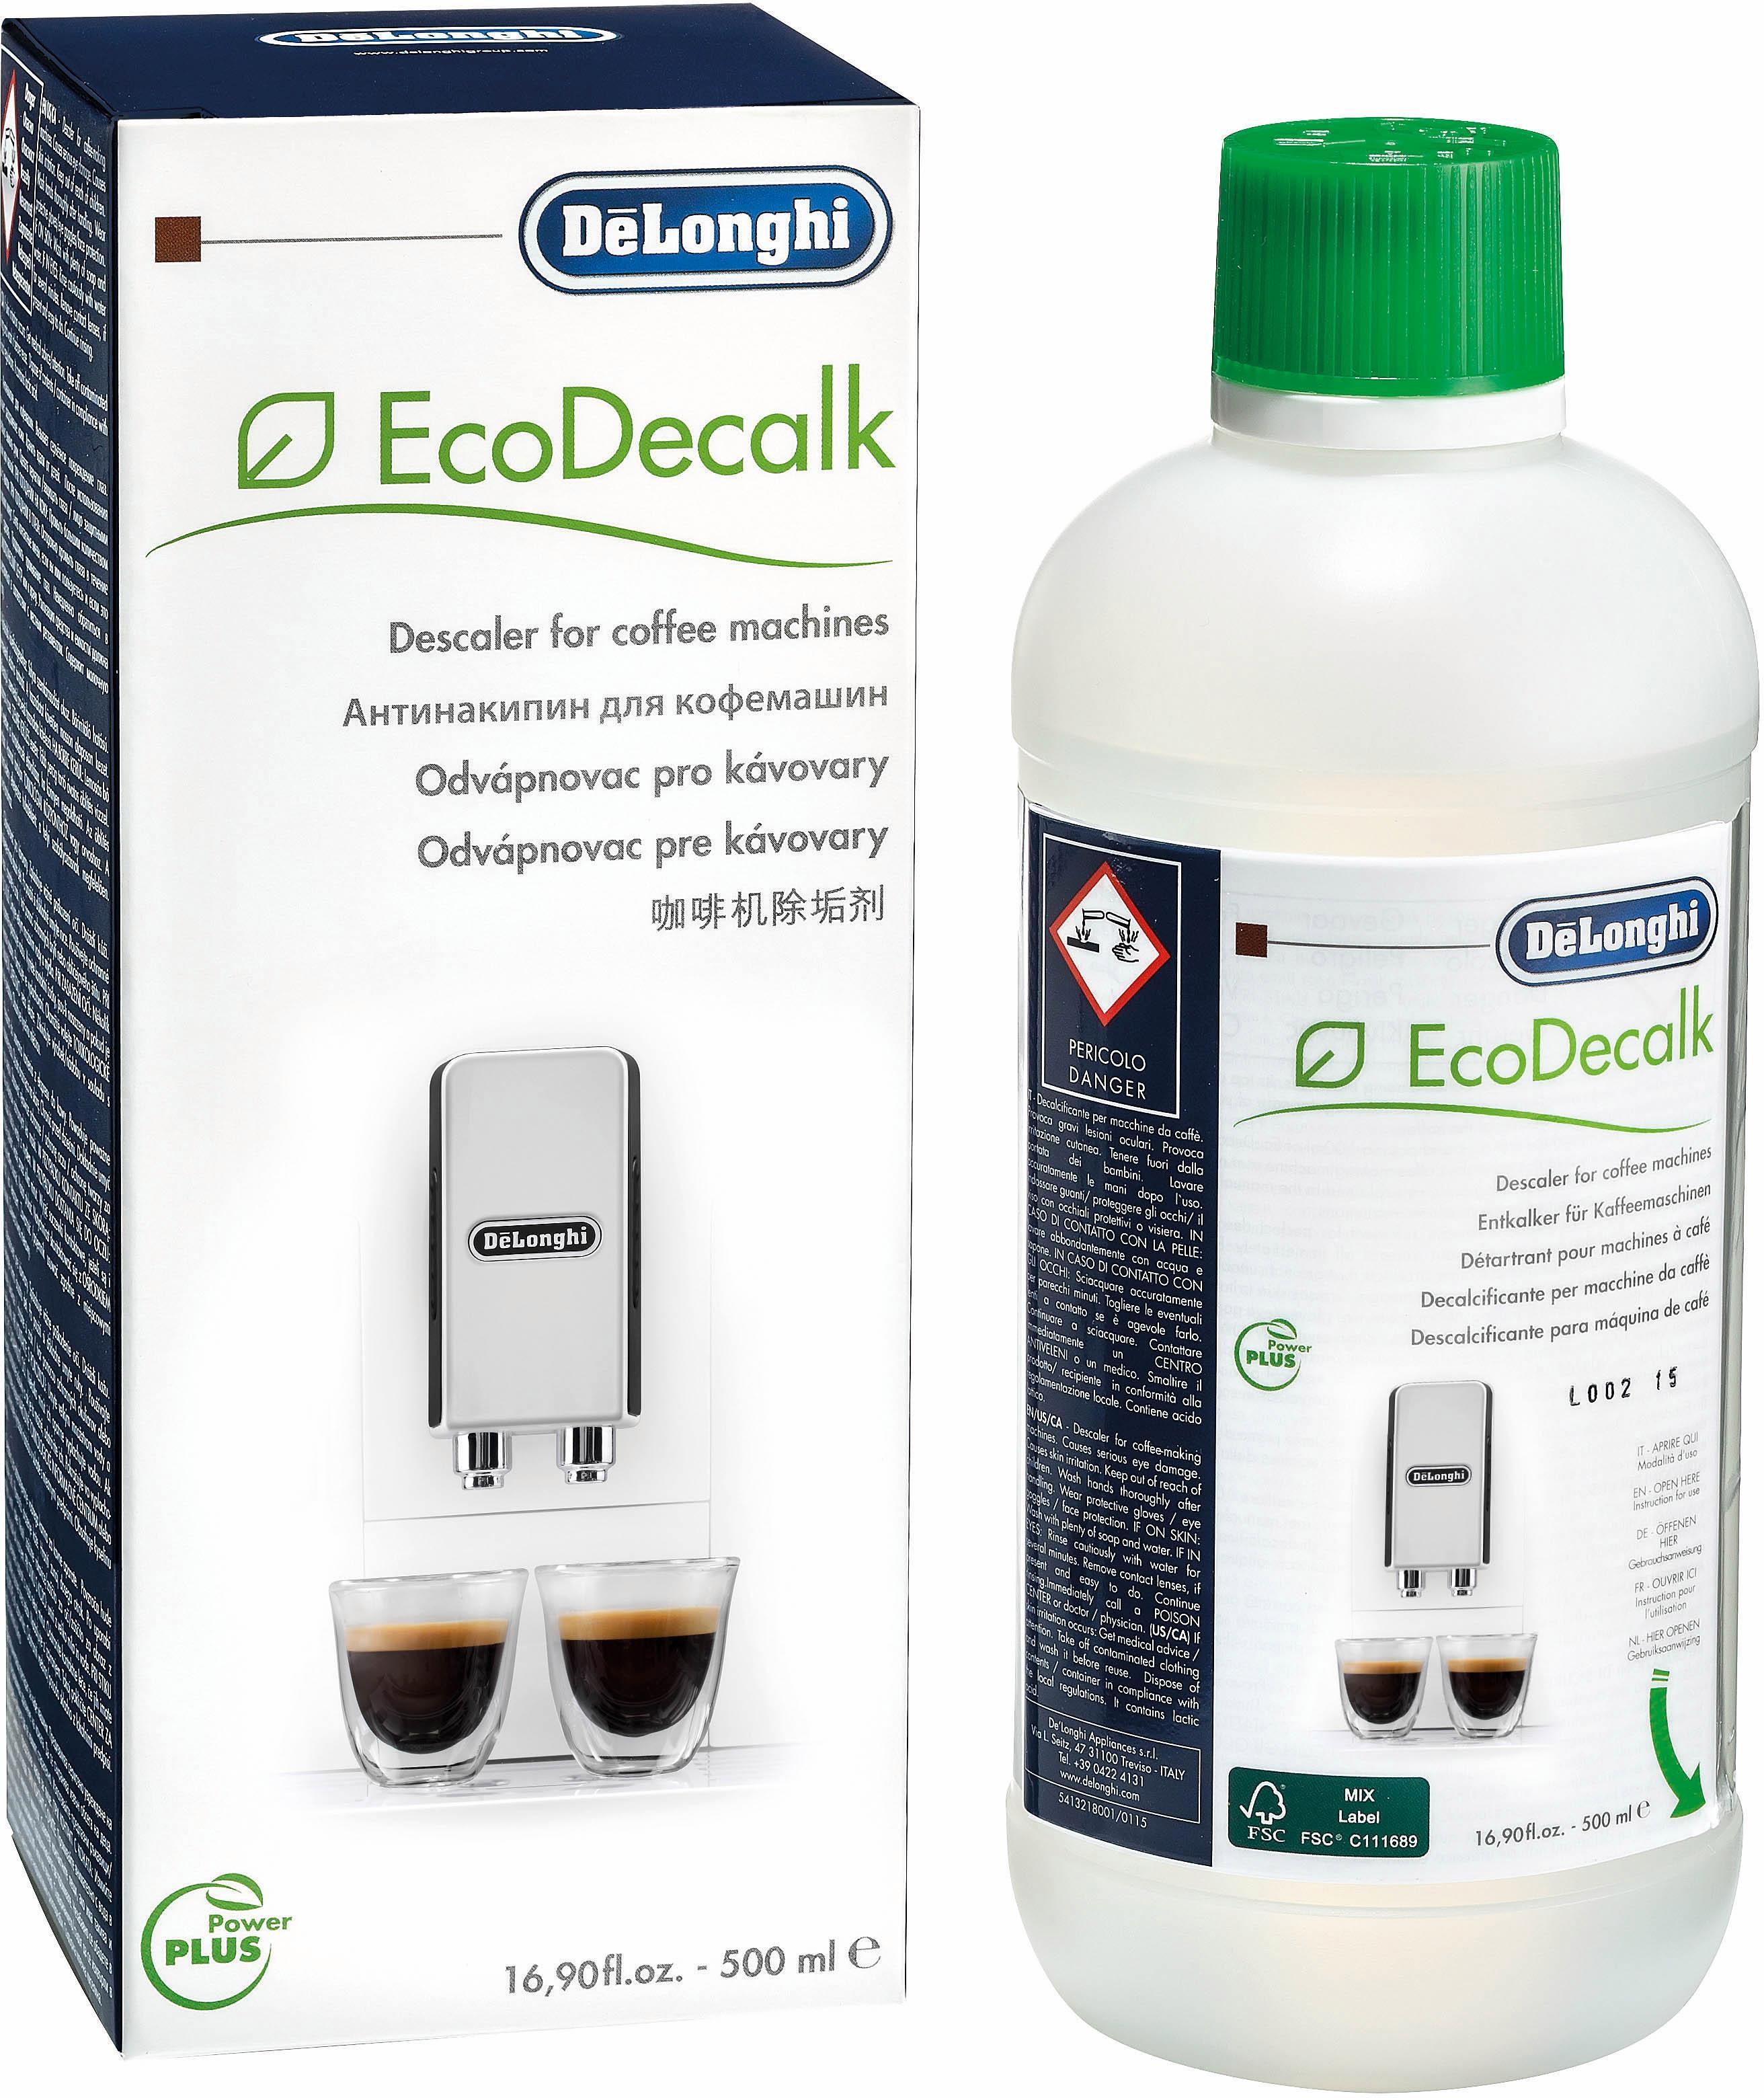 De'Longhi ontkalker SER3018 EcoDecalk, Kalkverwijderaar voor volautomatisch koffiezetapparaat en espressomachine bij OTTO online kopen